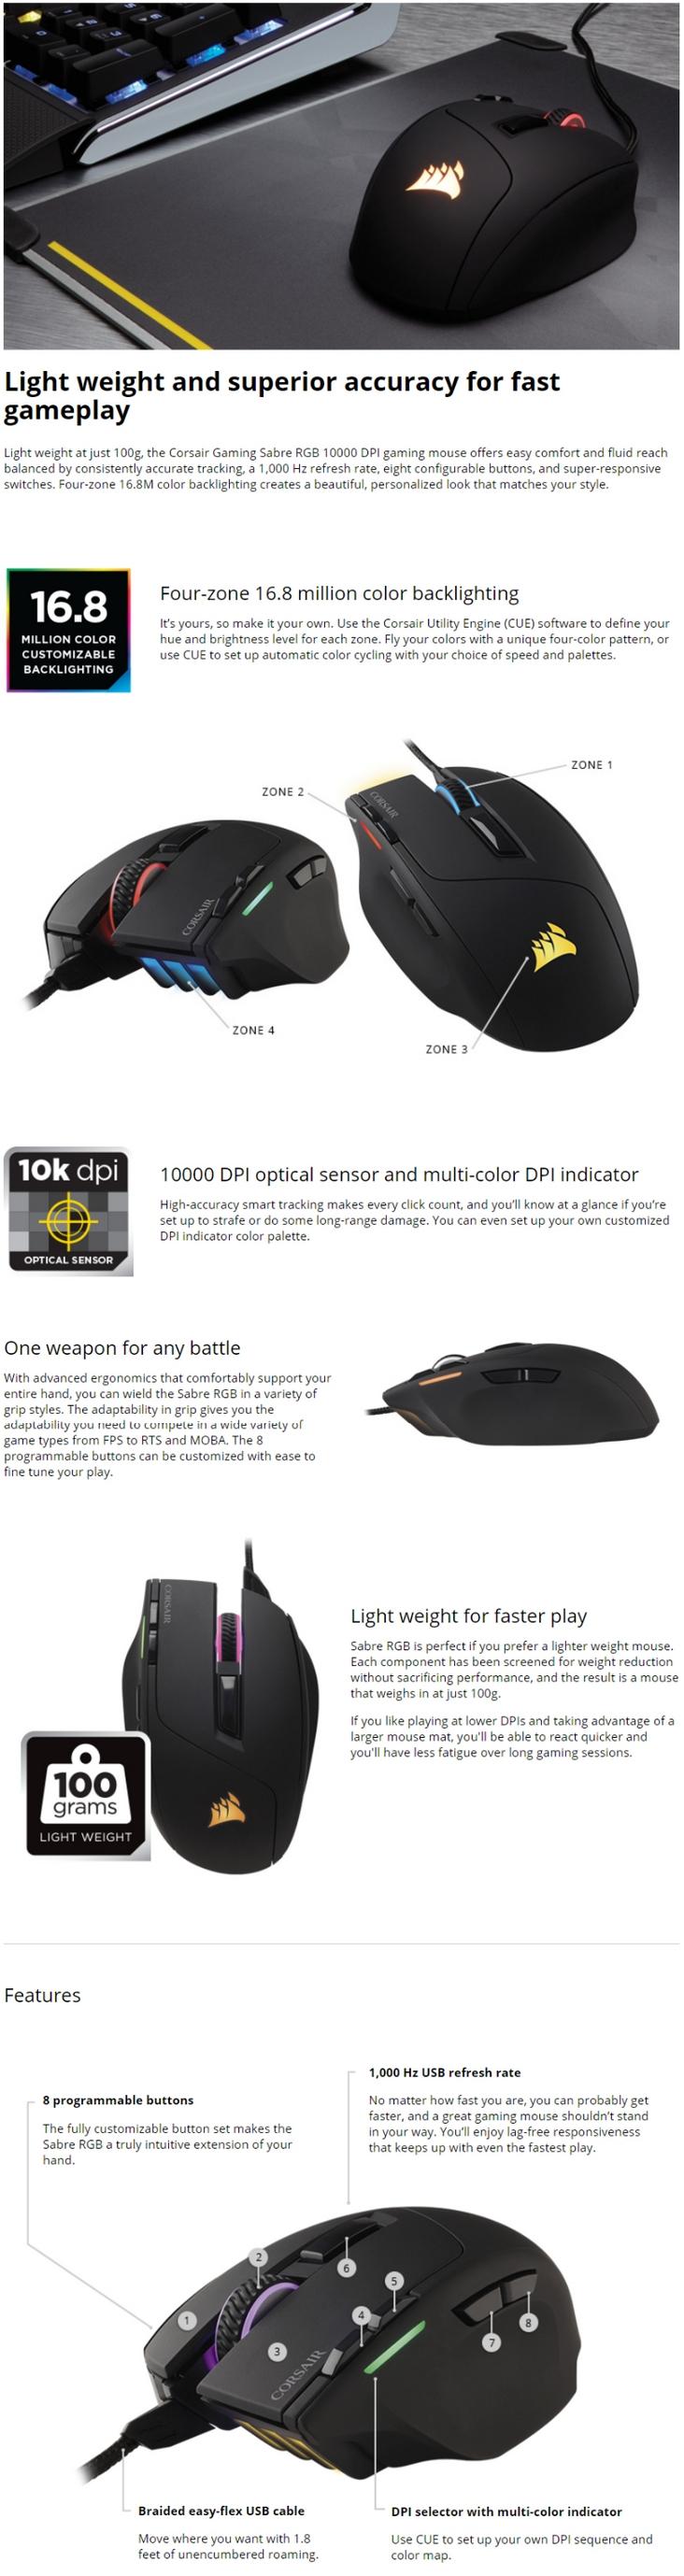 fcbc0df2334 Corsair Gaming Sabre RGB Gaming Mouse - Umart.com.au